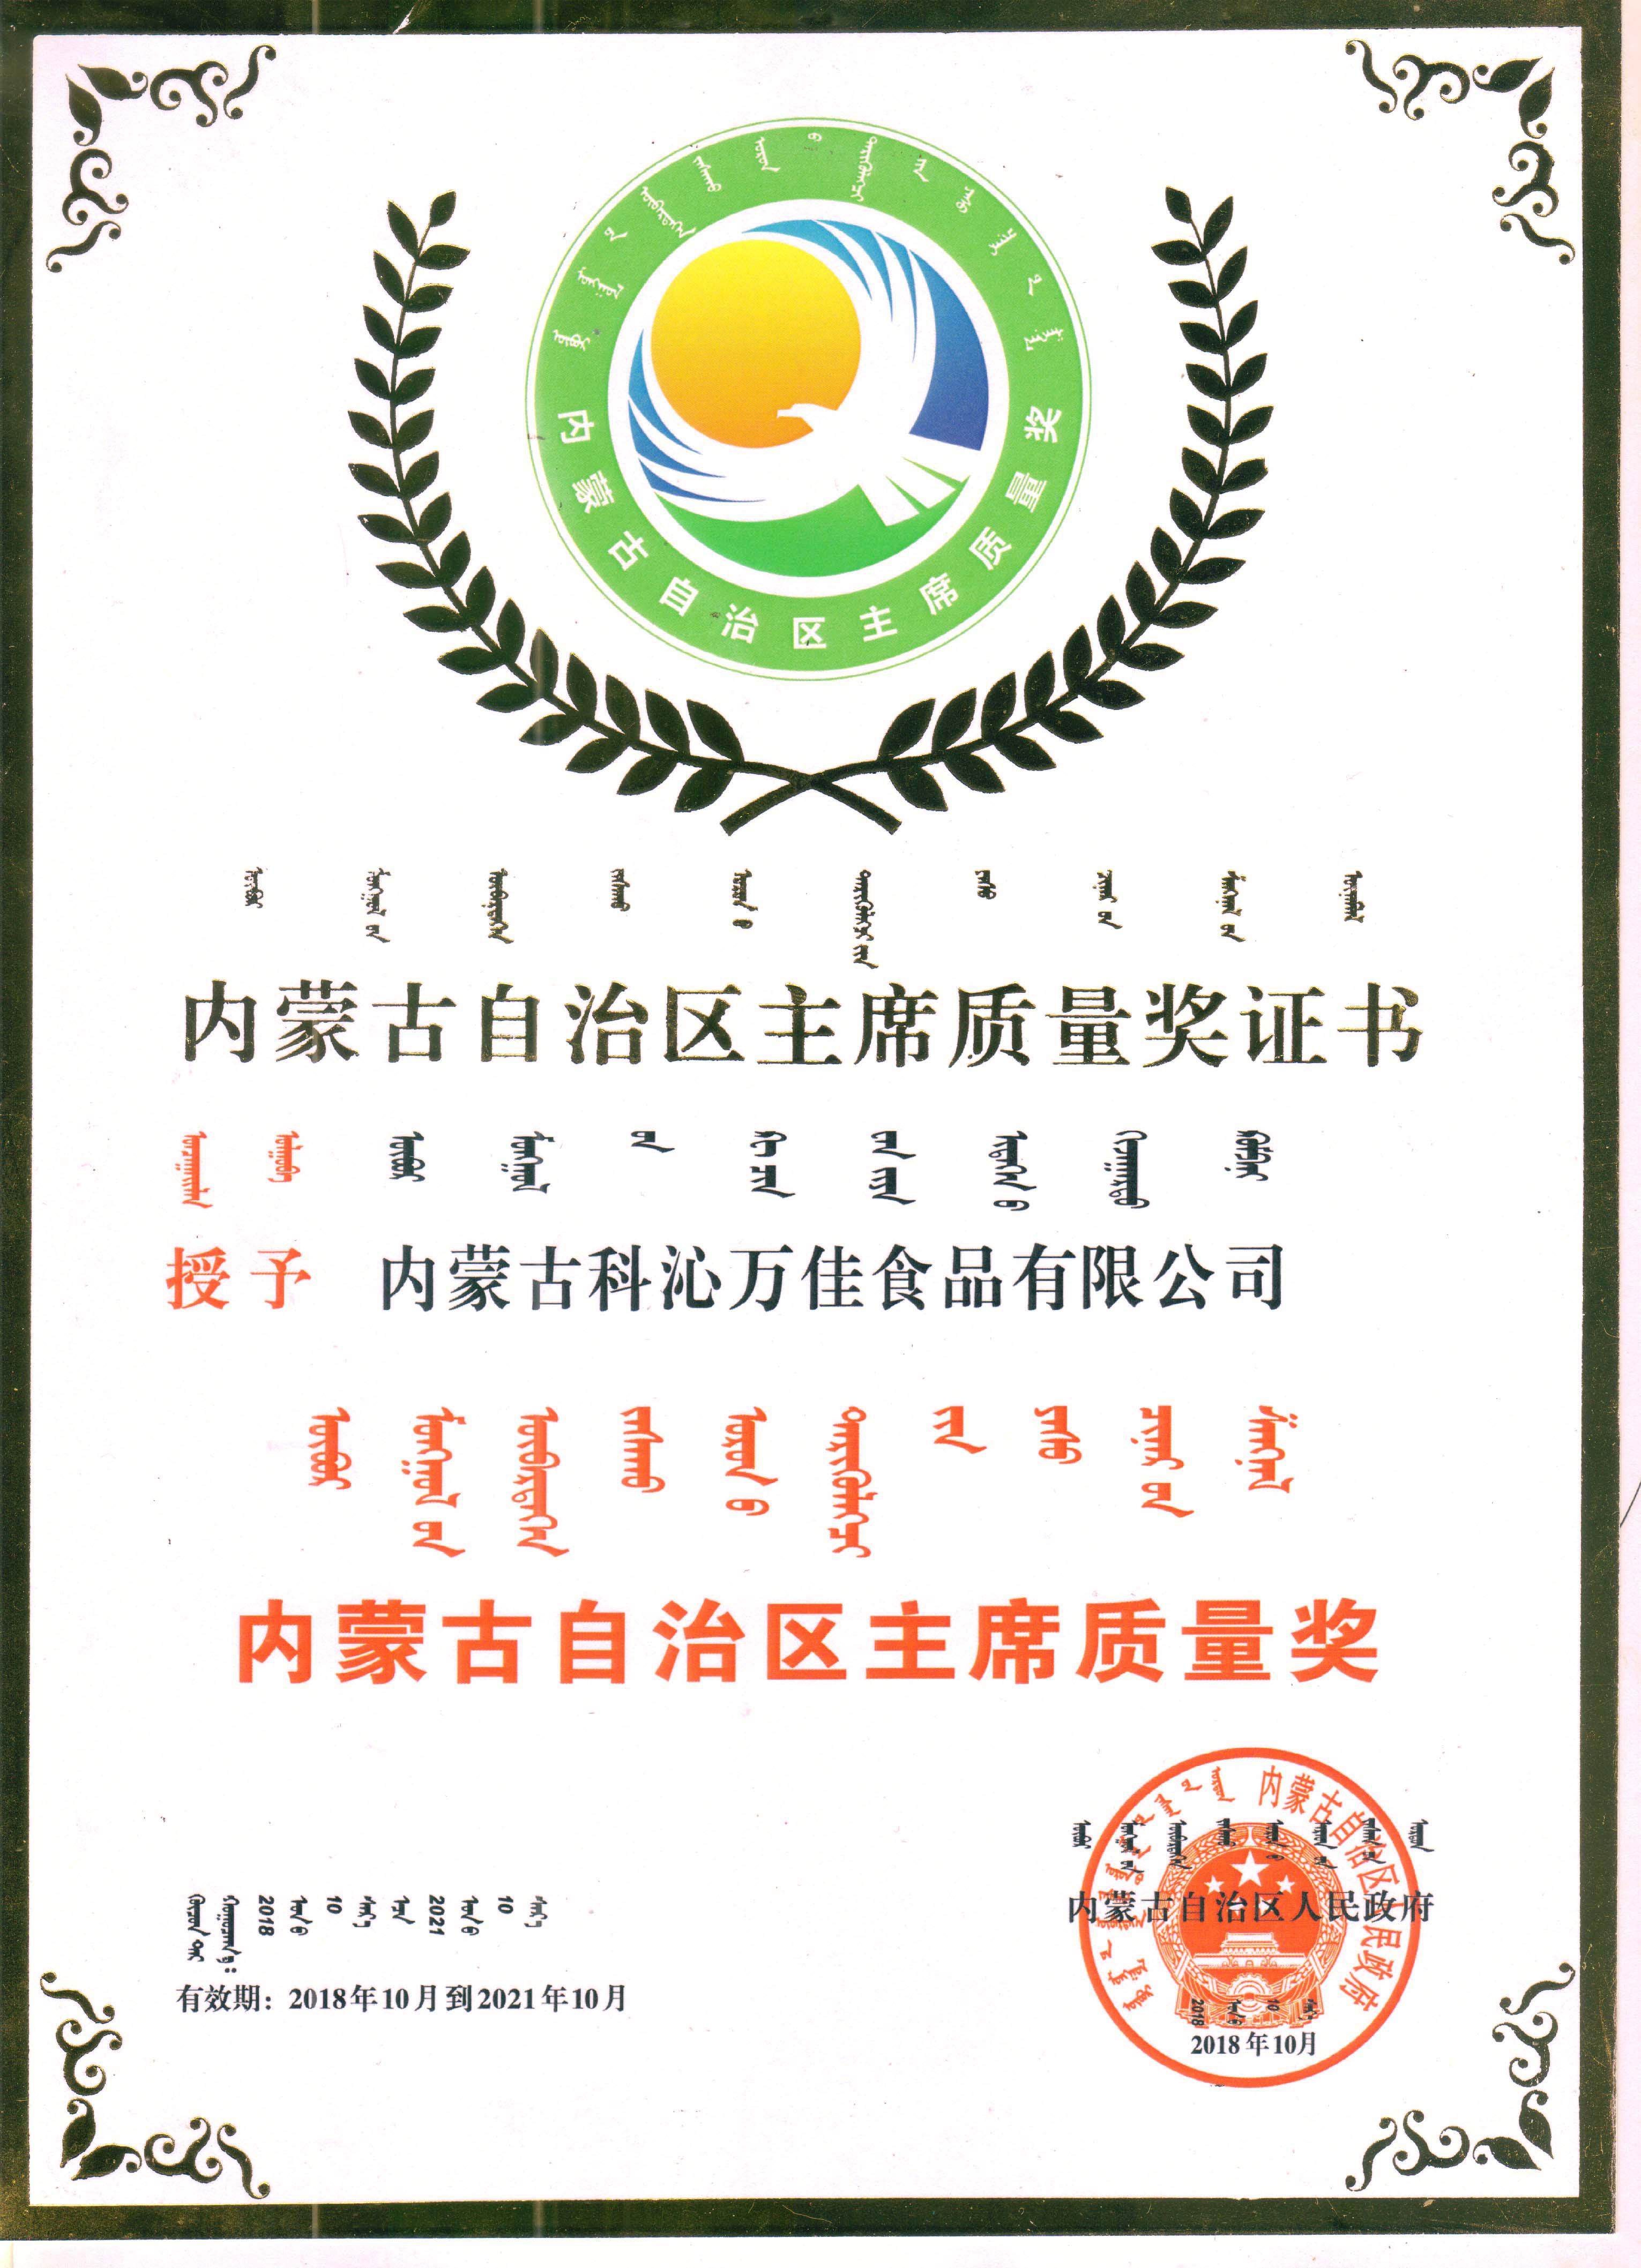 内蒙古自治区主席质量奖